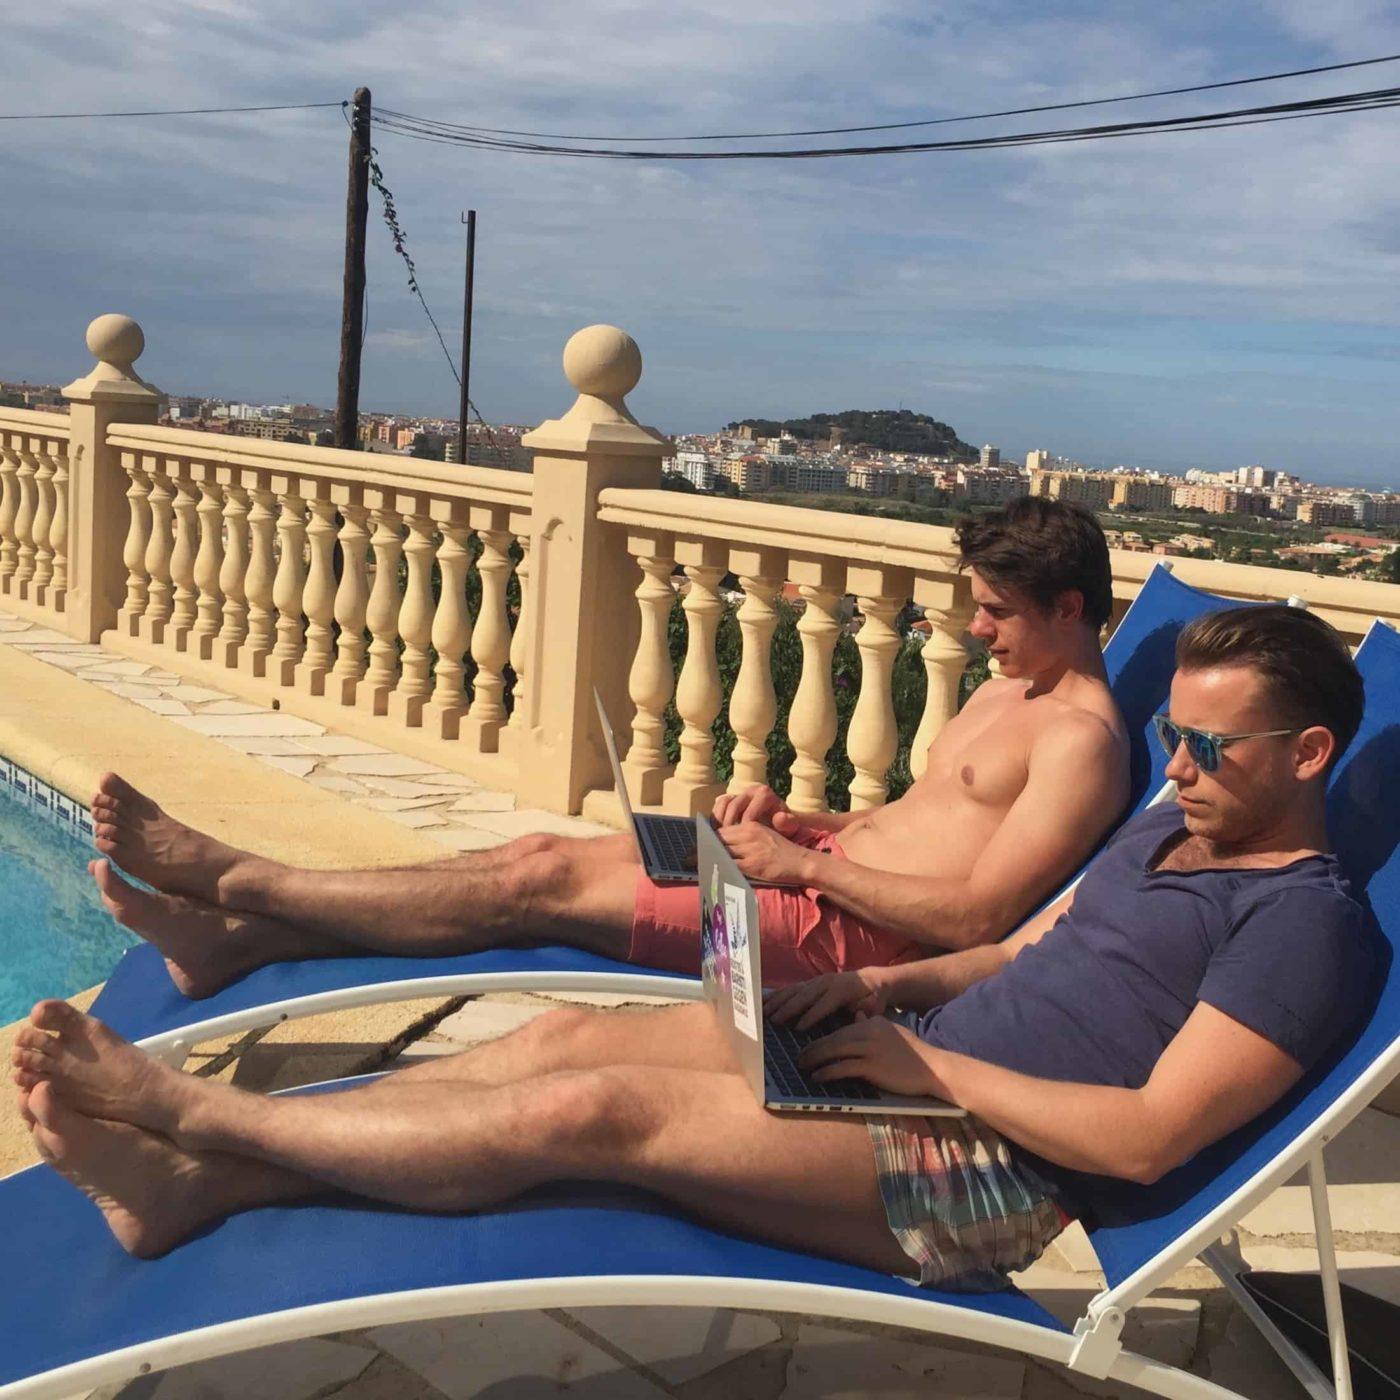 Die besten Reise-Kreditkarten – Arne und Mauricio mit MacBooks auf Liegestühlen